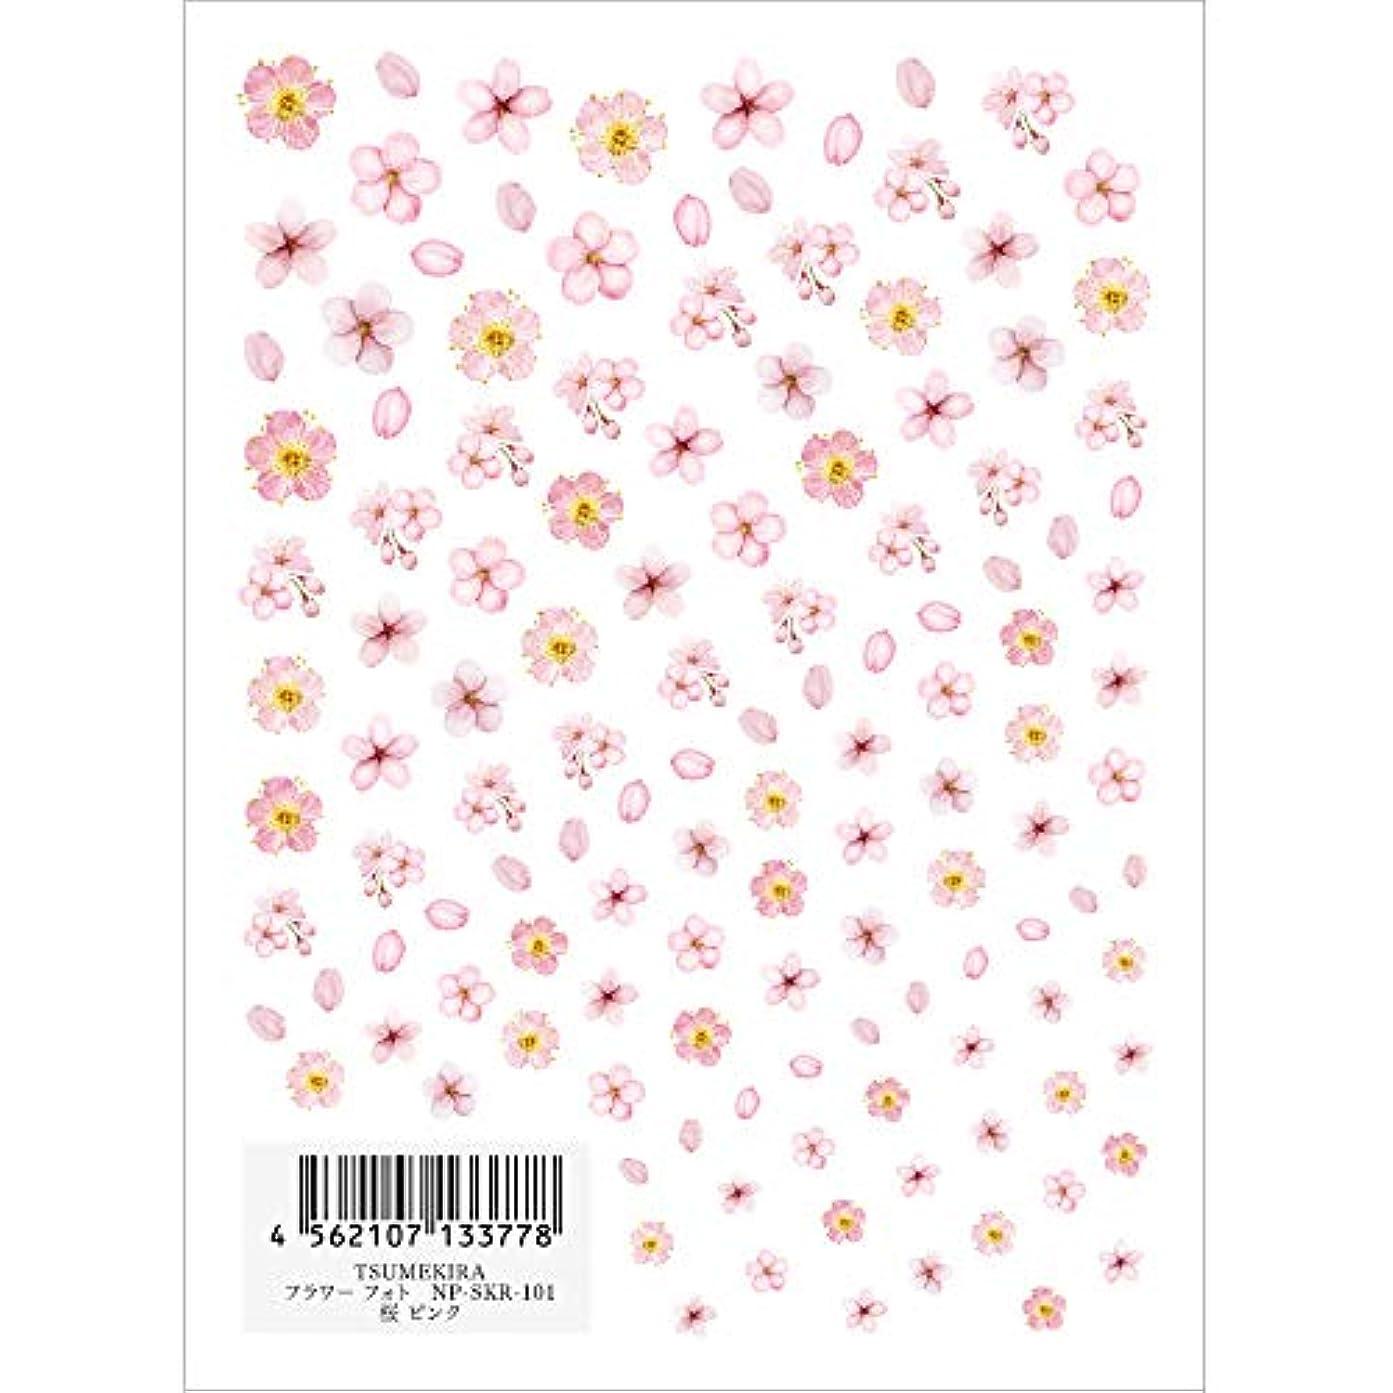 フォロータンザニアジャーナルTSUMEKIRA(ツメキラ) ネイルシール フラワーフォト 桜 ピンク NP-SKR-101 1枚